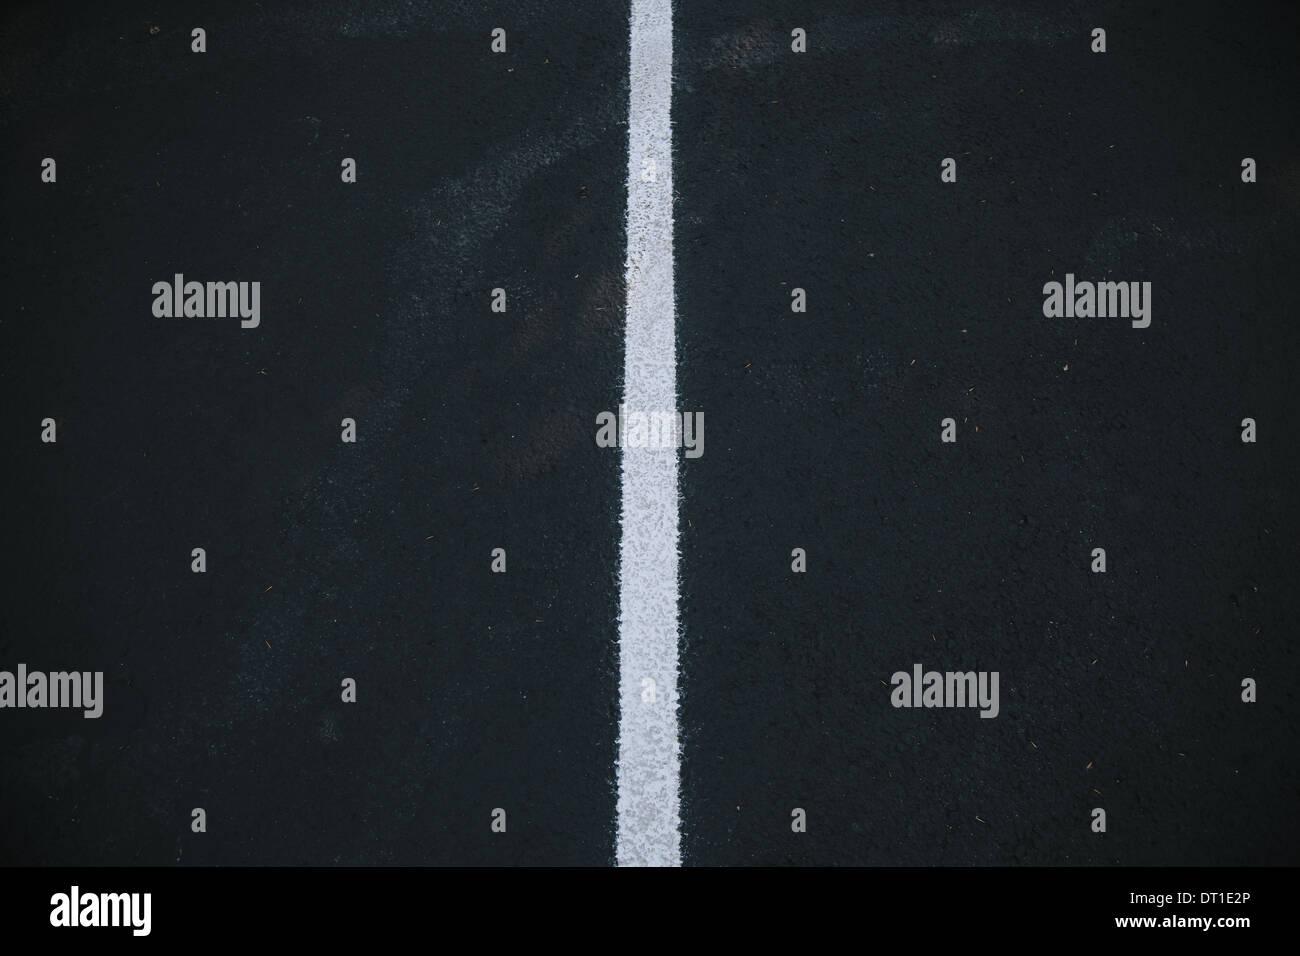 Washington State USA weiß Mittellinie auf schwarze Asphaltdecke Stockbild